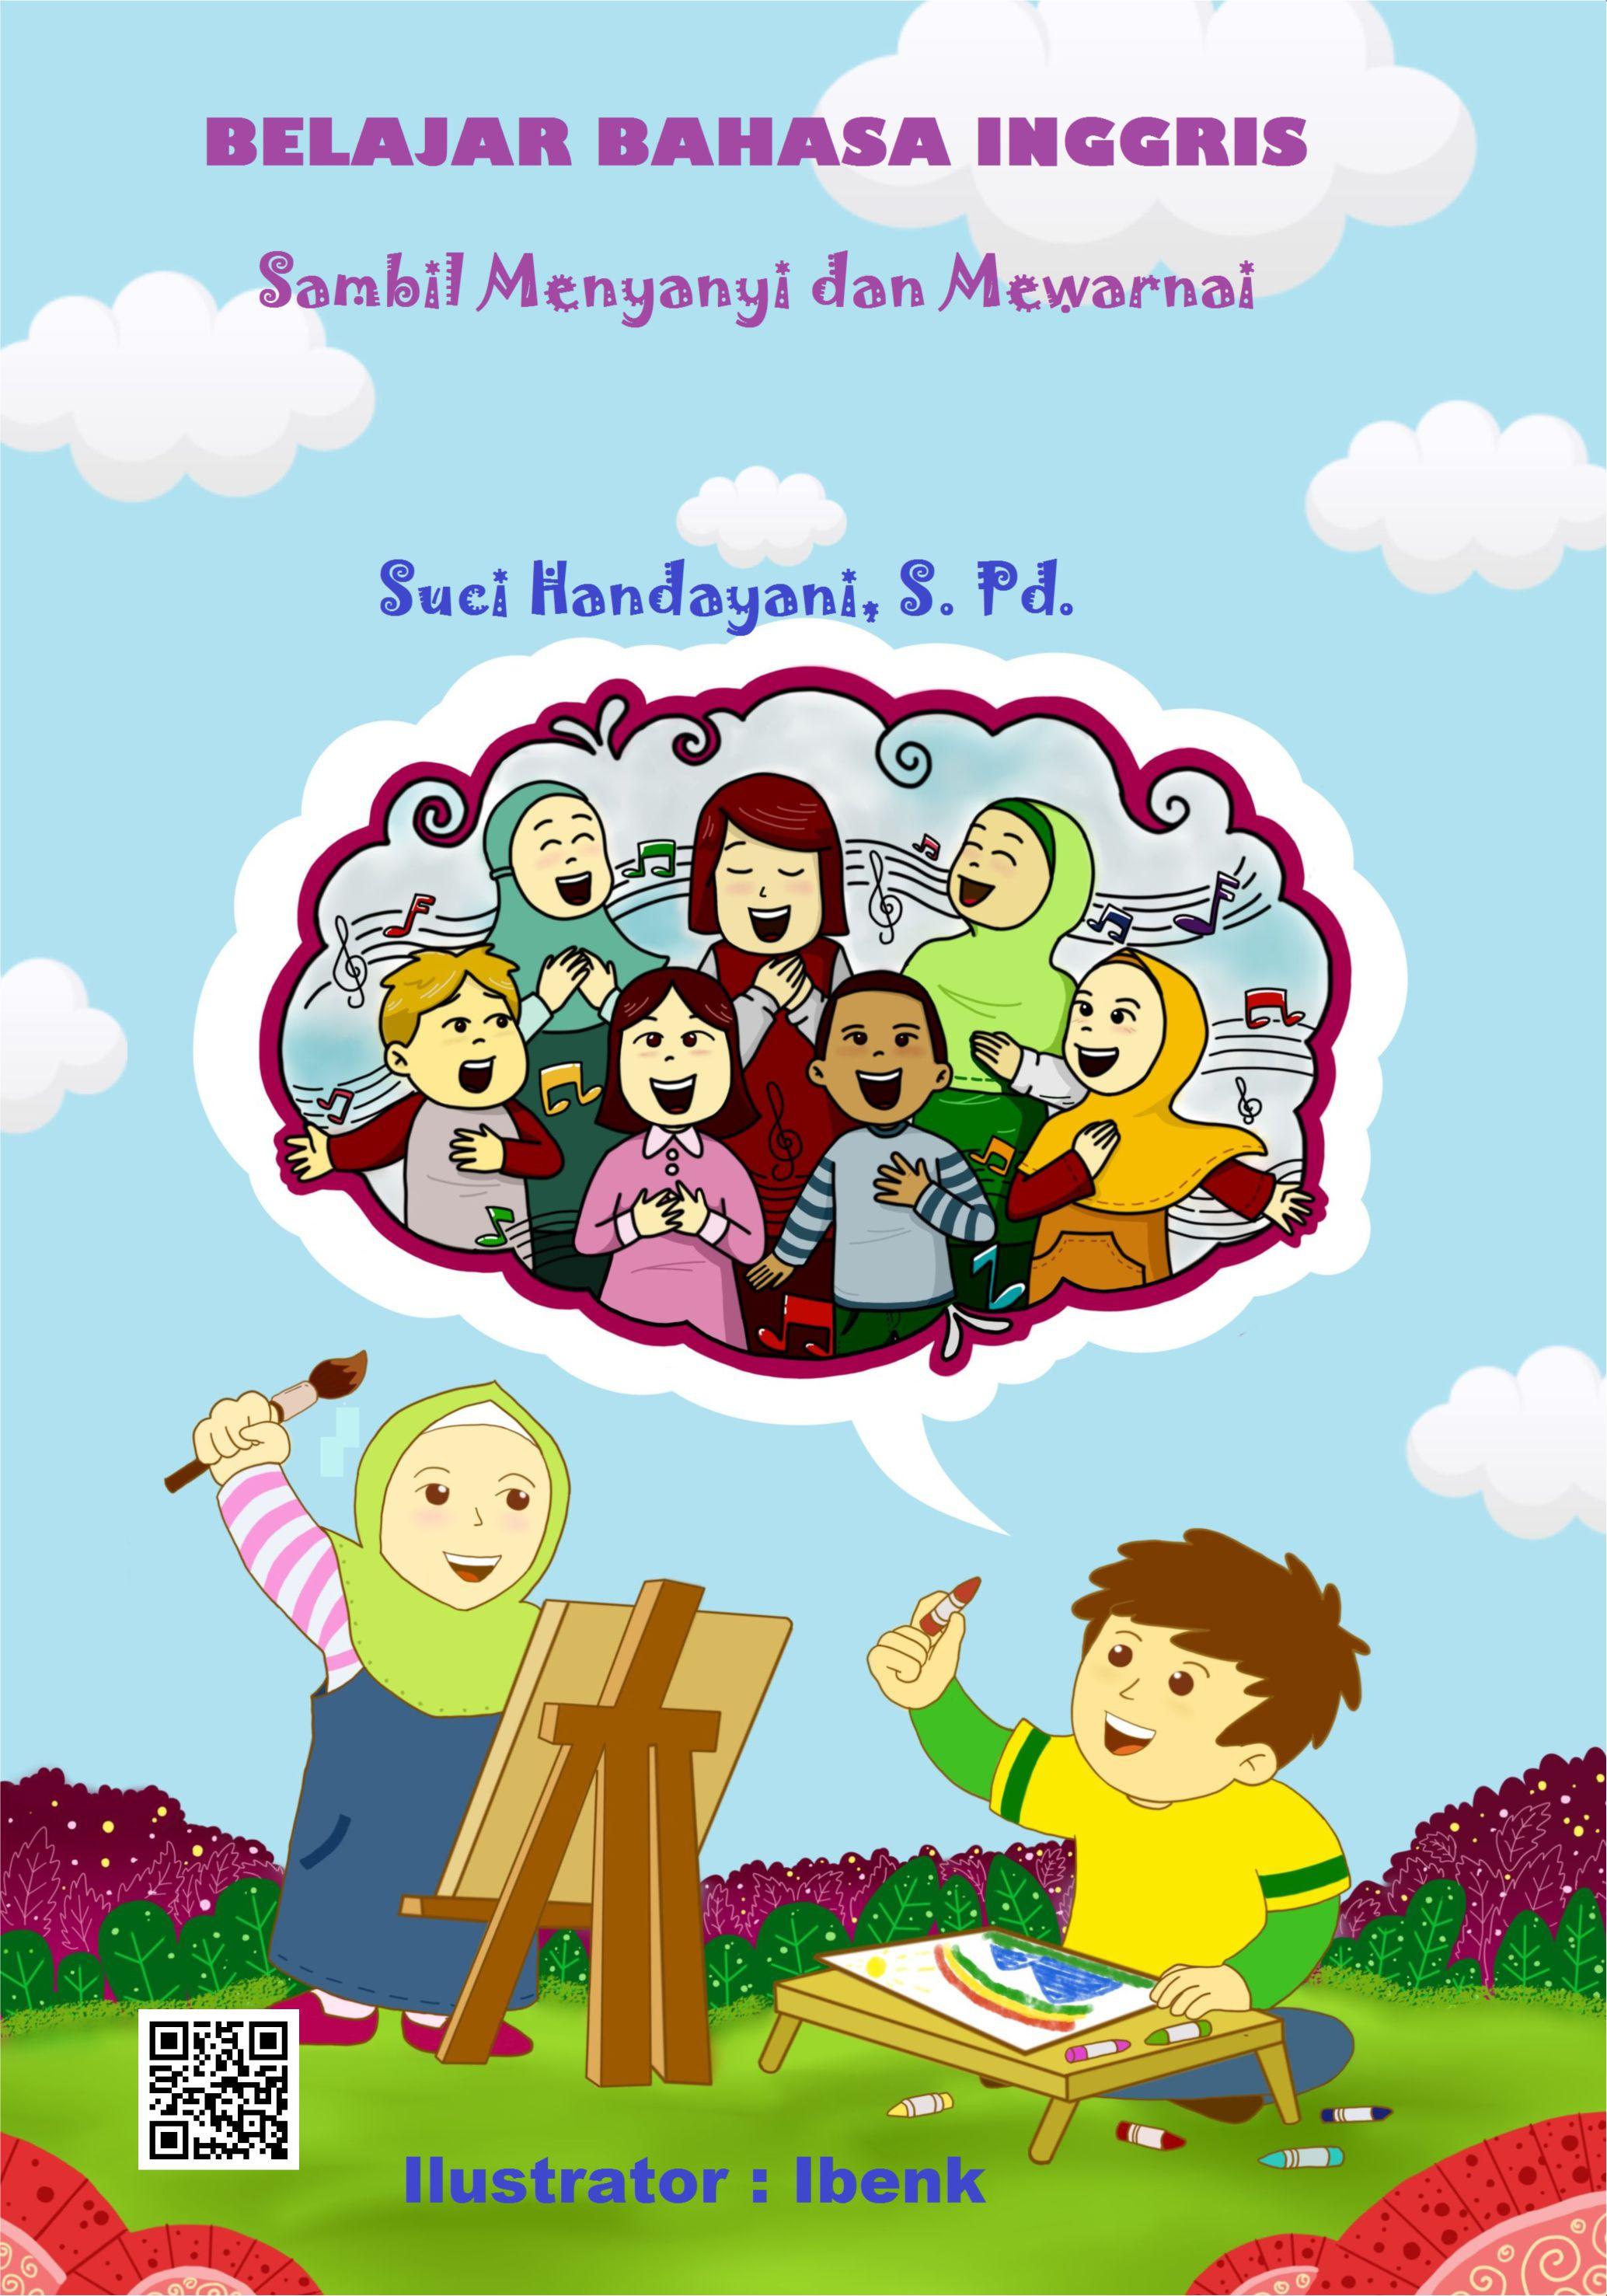 Belajar bahasa Inggris sambil menyanyi dan mewarnai [sumber elektronis]